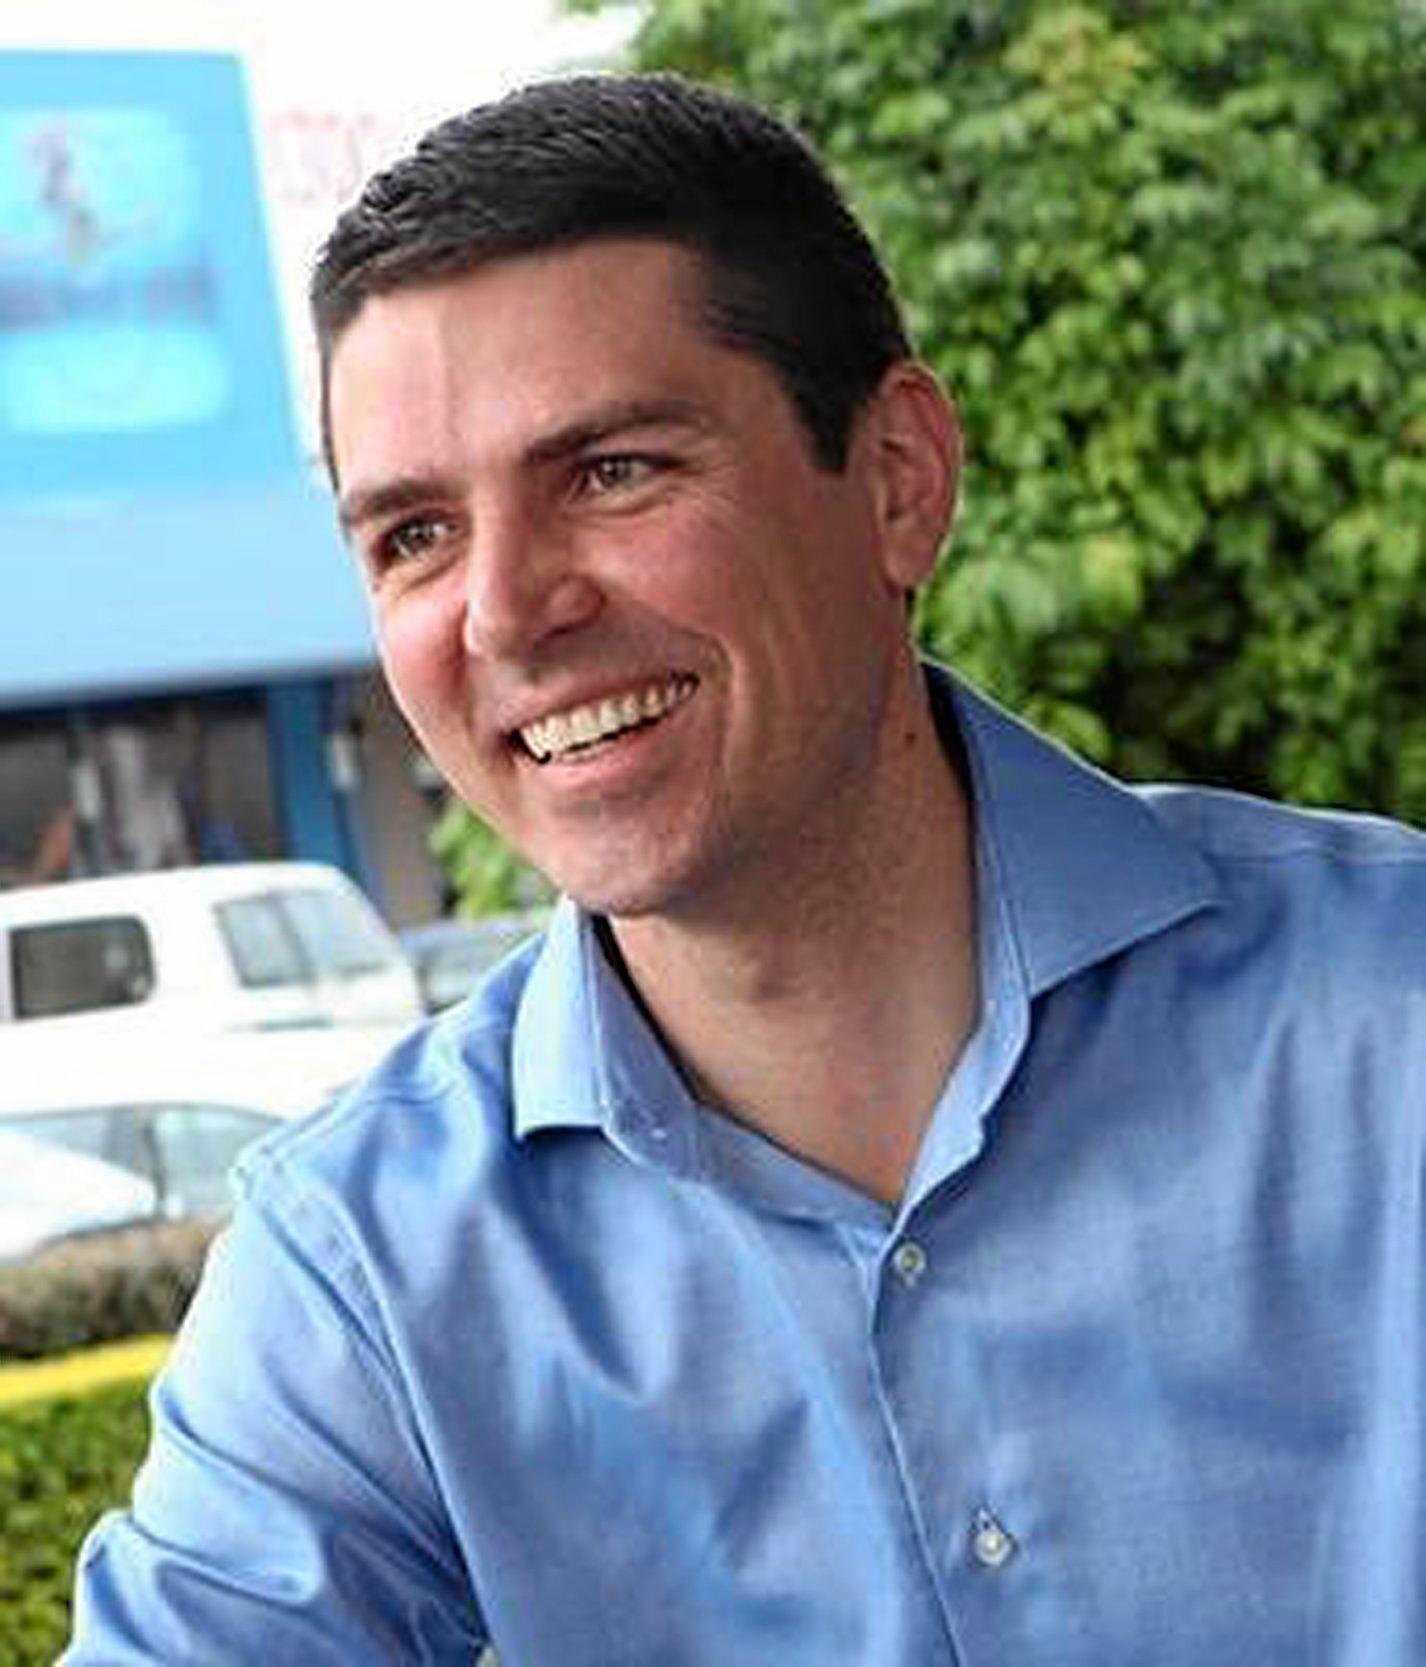 Nationals candidate for Richmond Matthew Fraser.